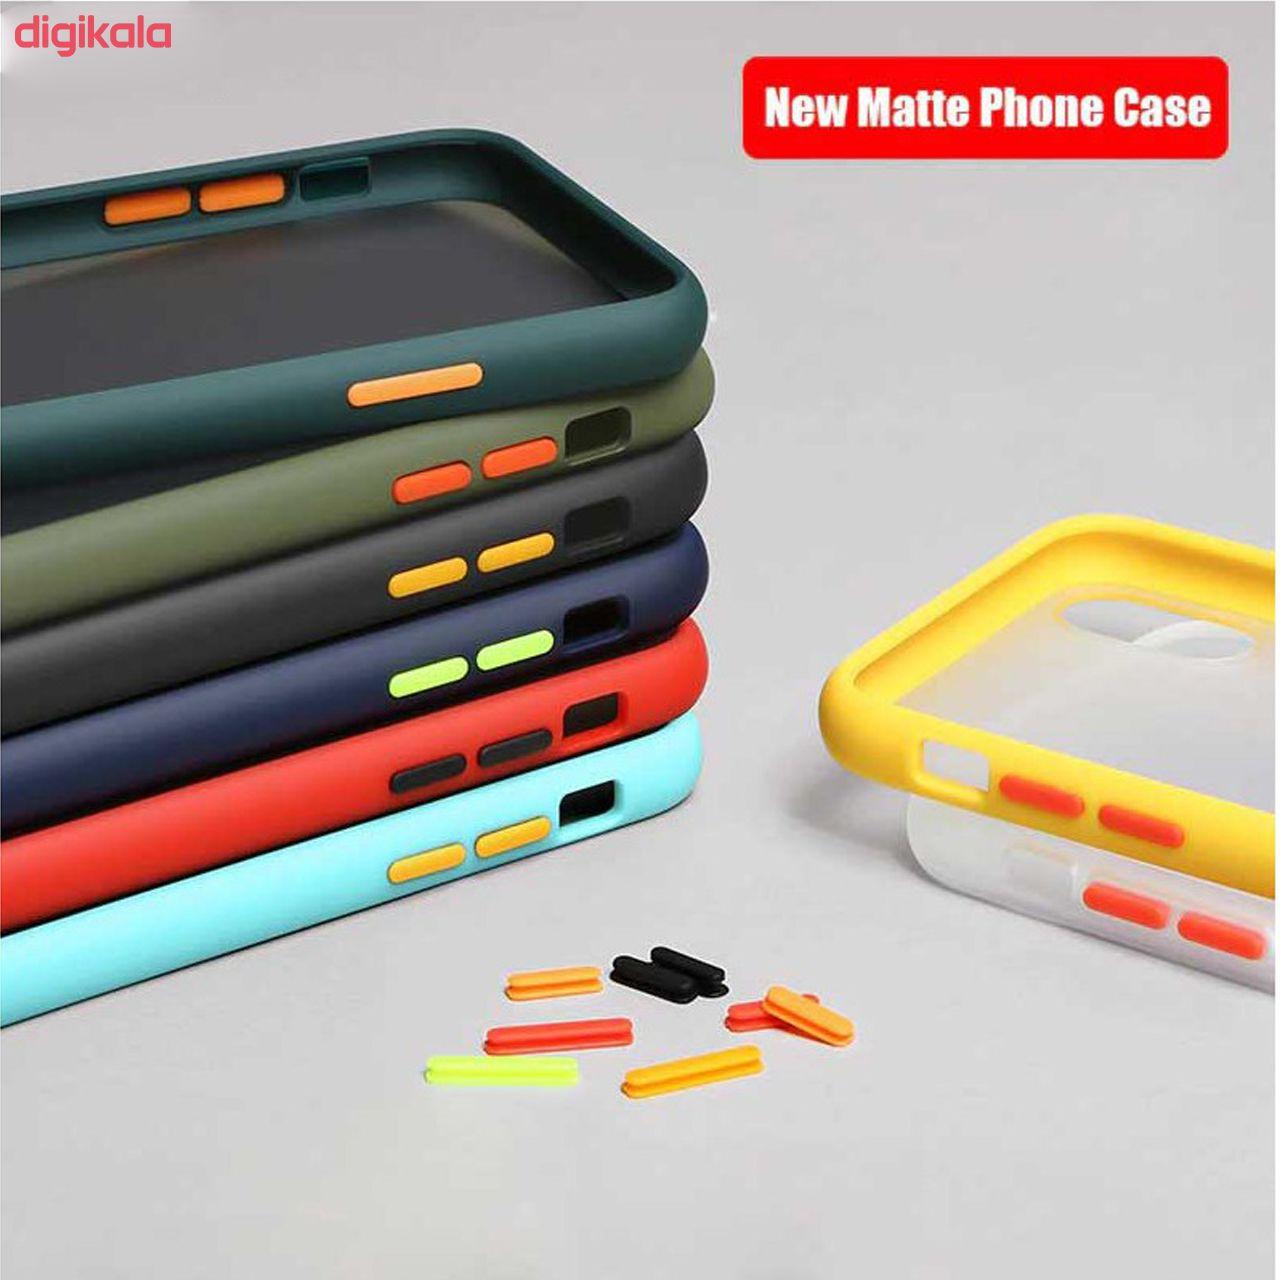 کاور لاین کینگ مدل M21 مناسب برای گوشی موبایل شیائومی Redmi Note 9S / Note 9 Pro / Note 9 Pro Max main 1 11